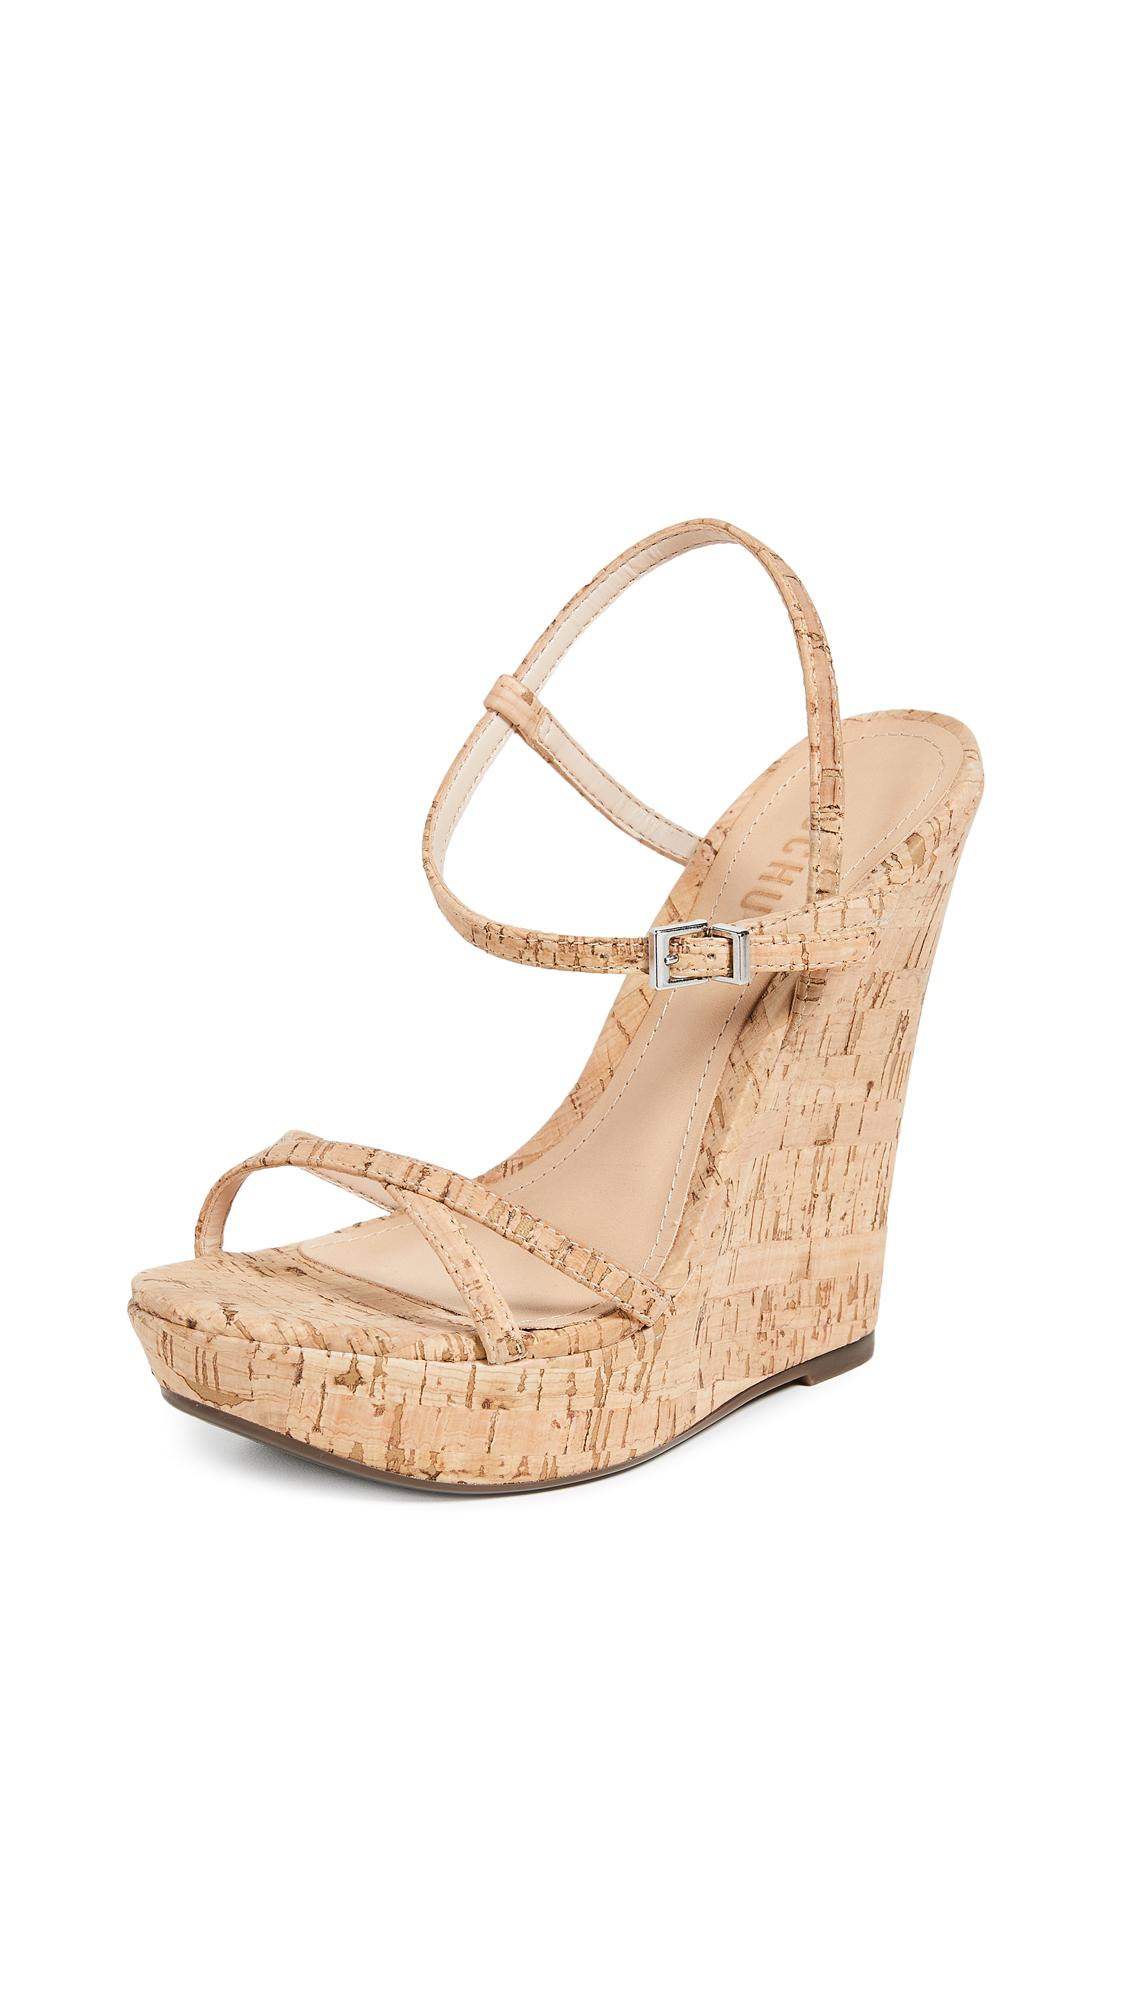 Schutz Auria Wedge Sandals - Natural